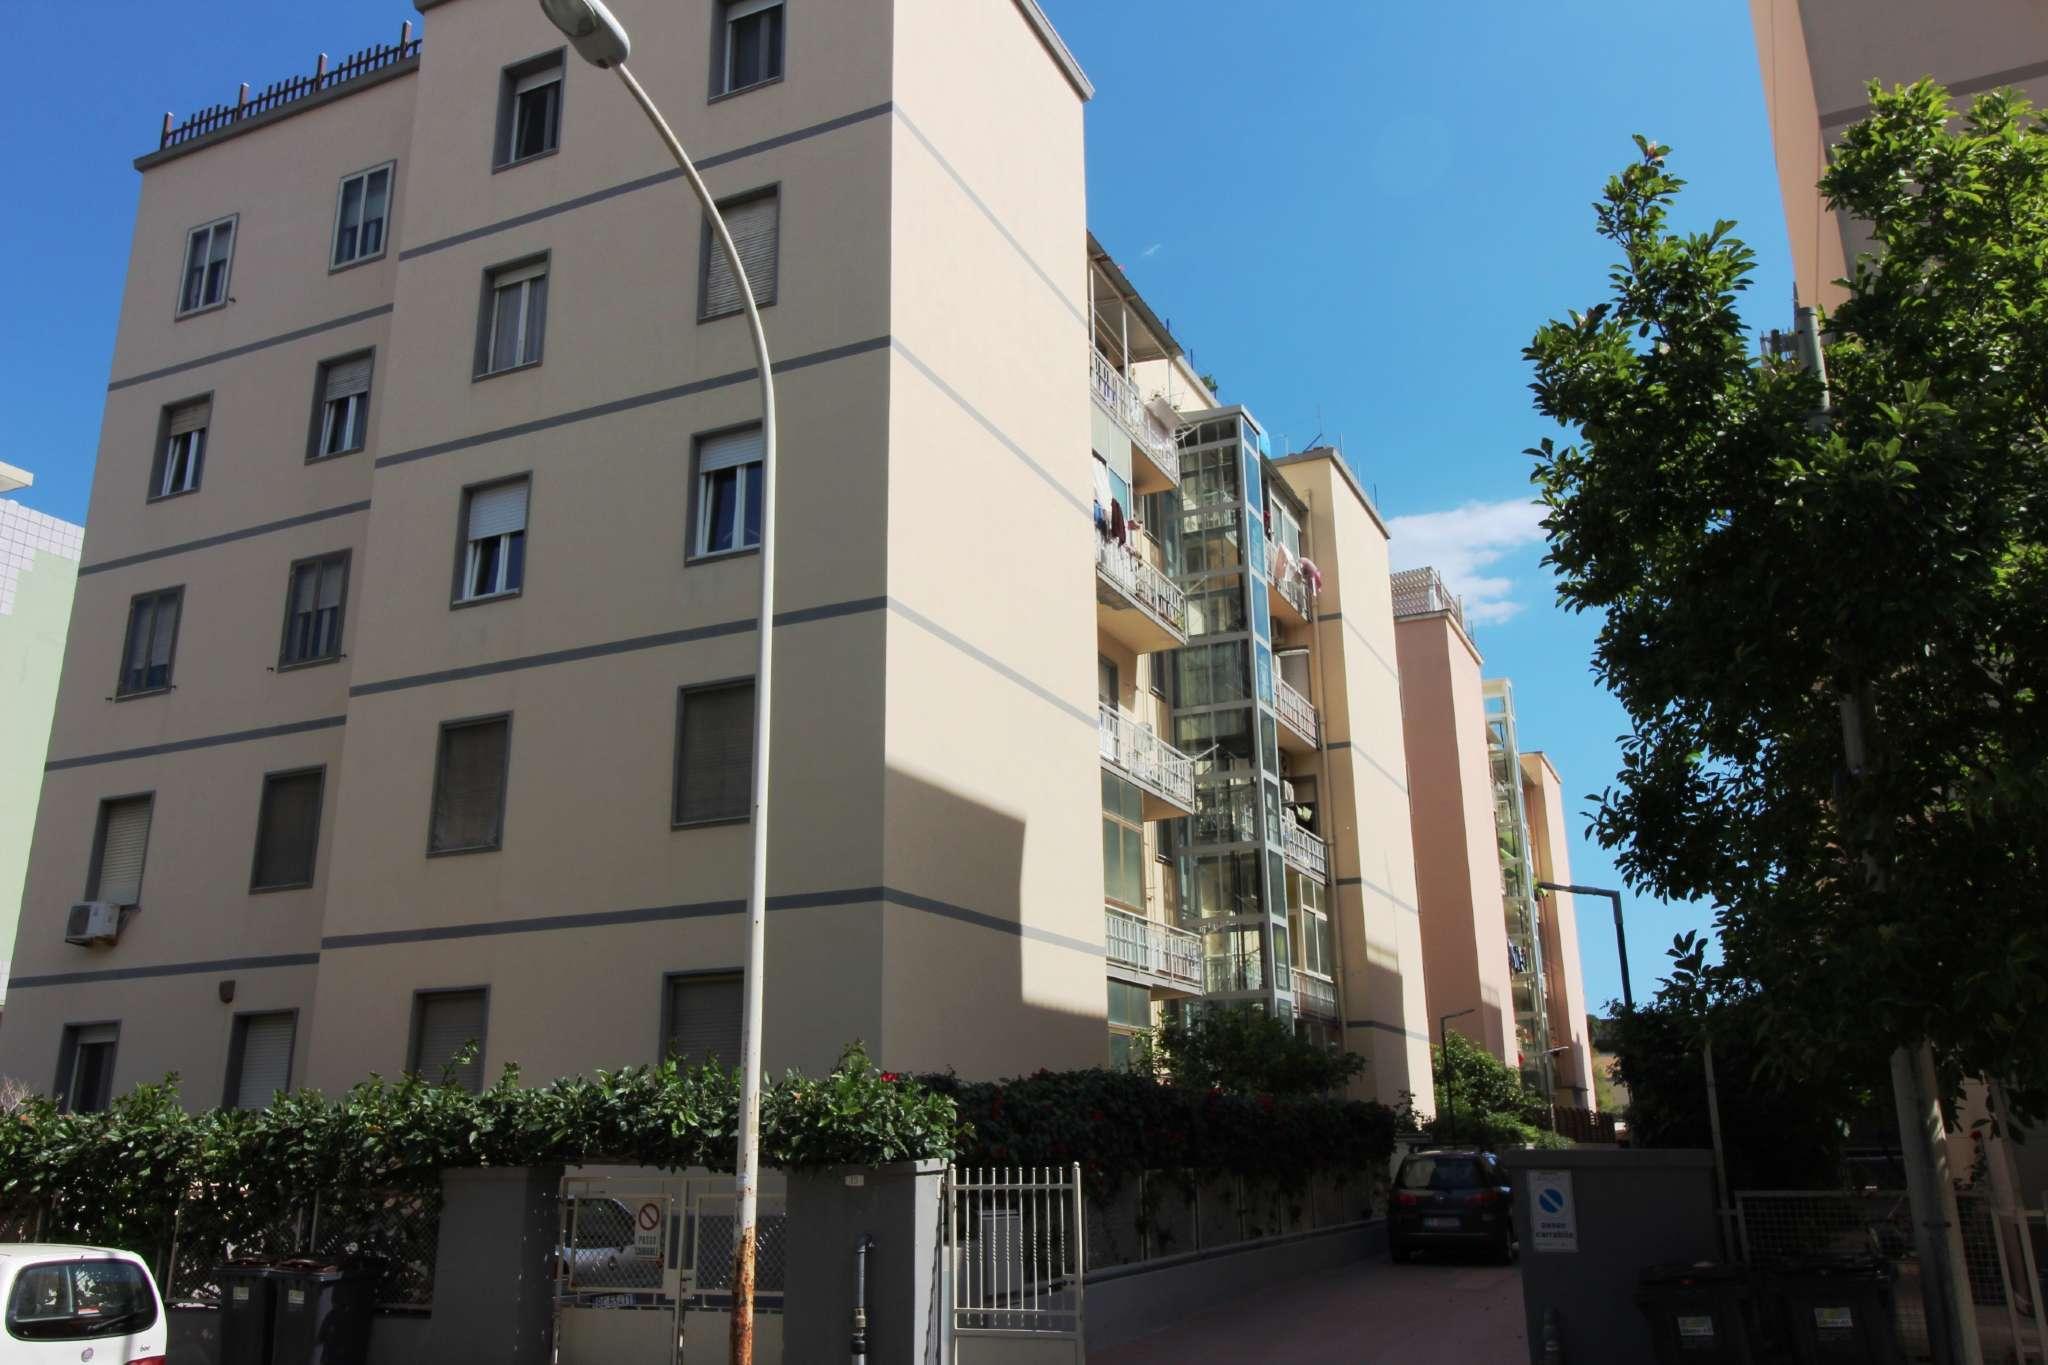 Appartamento in vendita a Cagliari, 3 locali, prezzo € 175.000 | CambioCasa.it